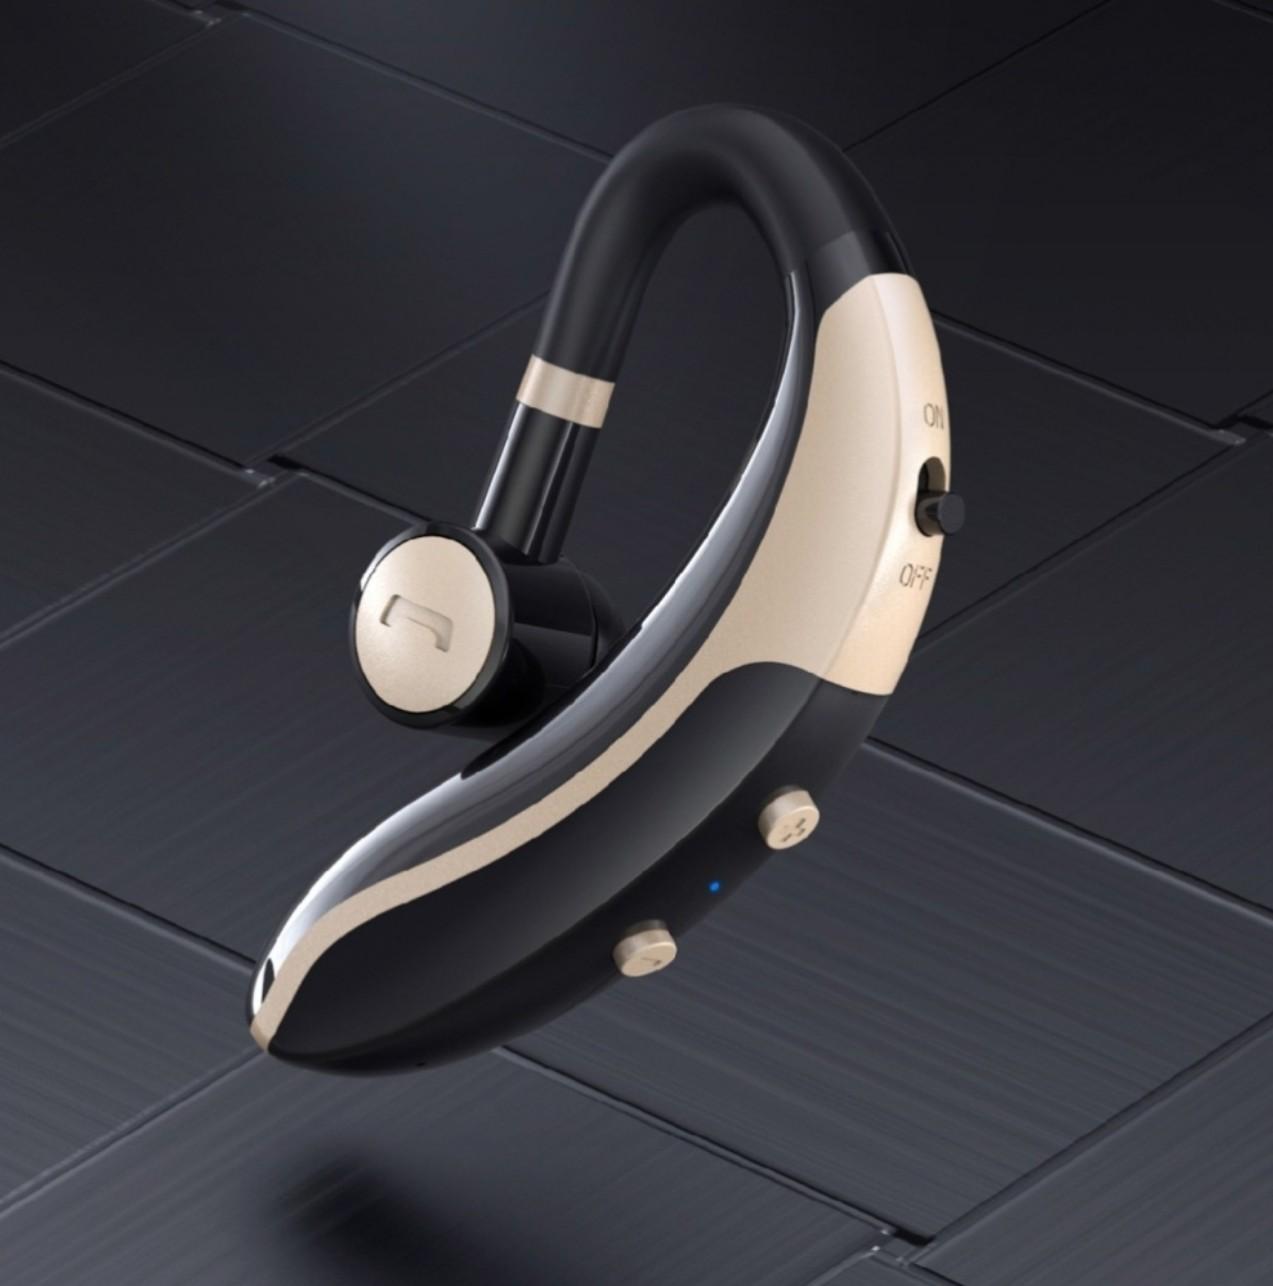 Tai nghe bluetooth , model V6 , tai nghe đơn, tai nghe  móc tai xoay 180 độ ,kết nối 5.0, thời gian nghe nhạc đàm thoại 8h , pin 140 mAh.